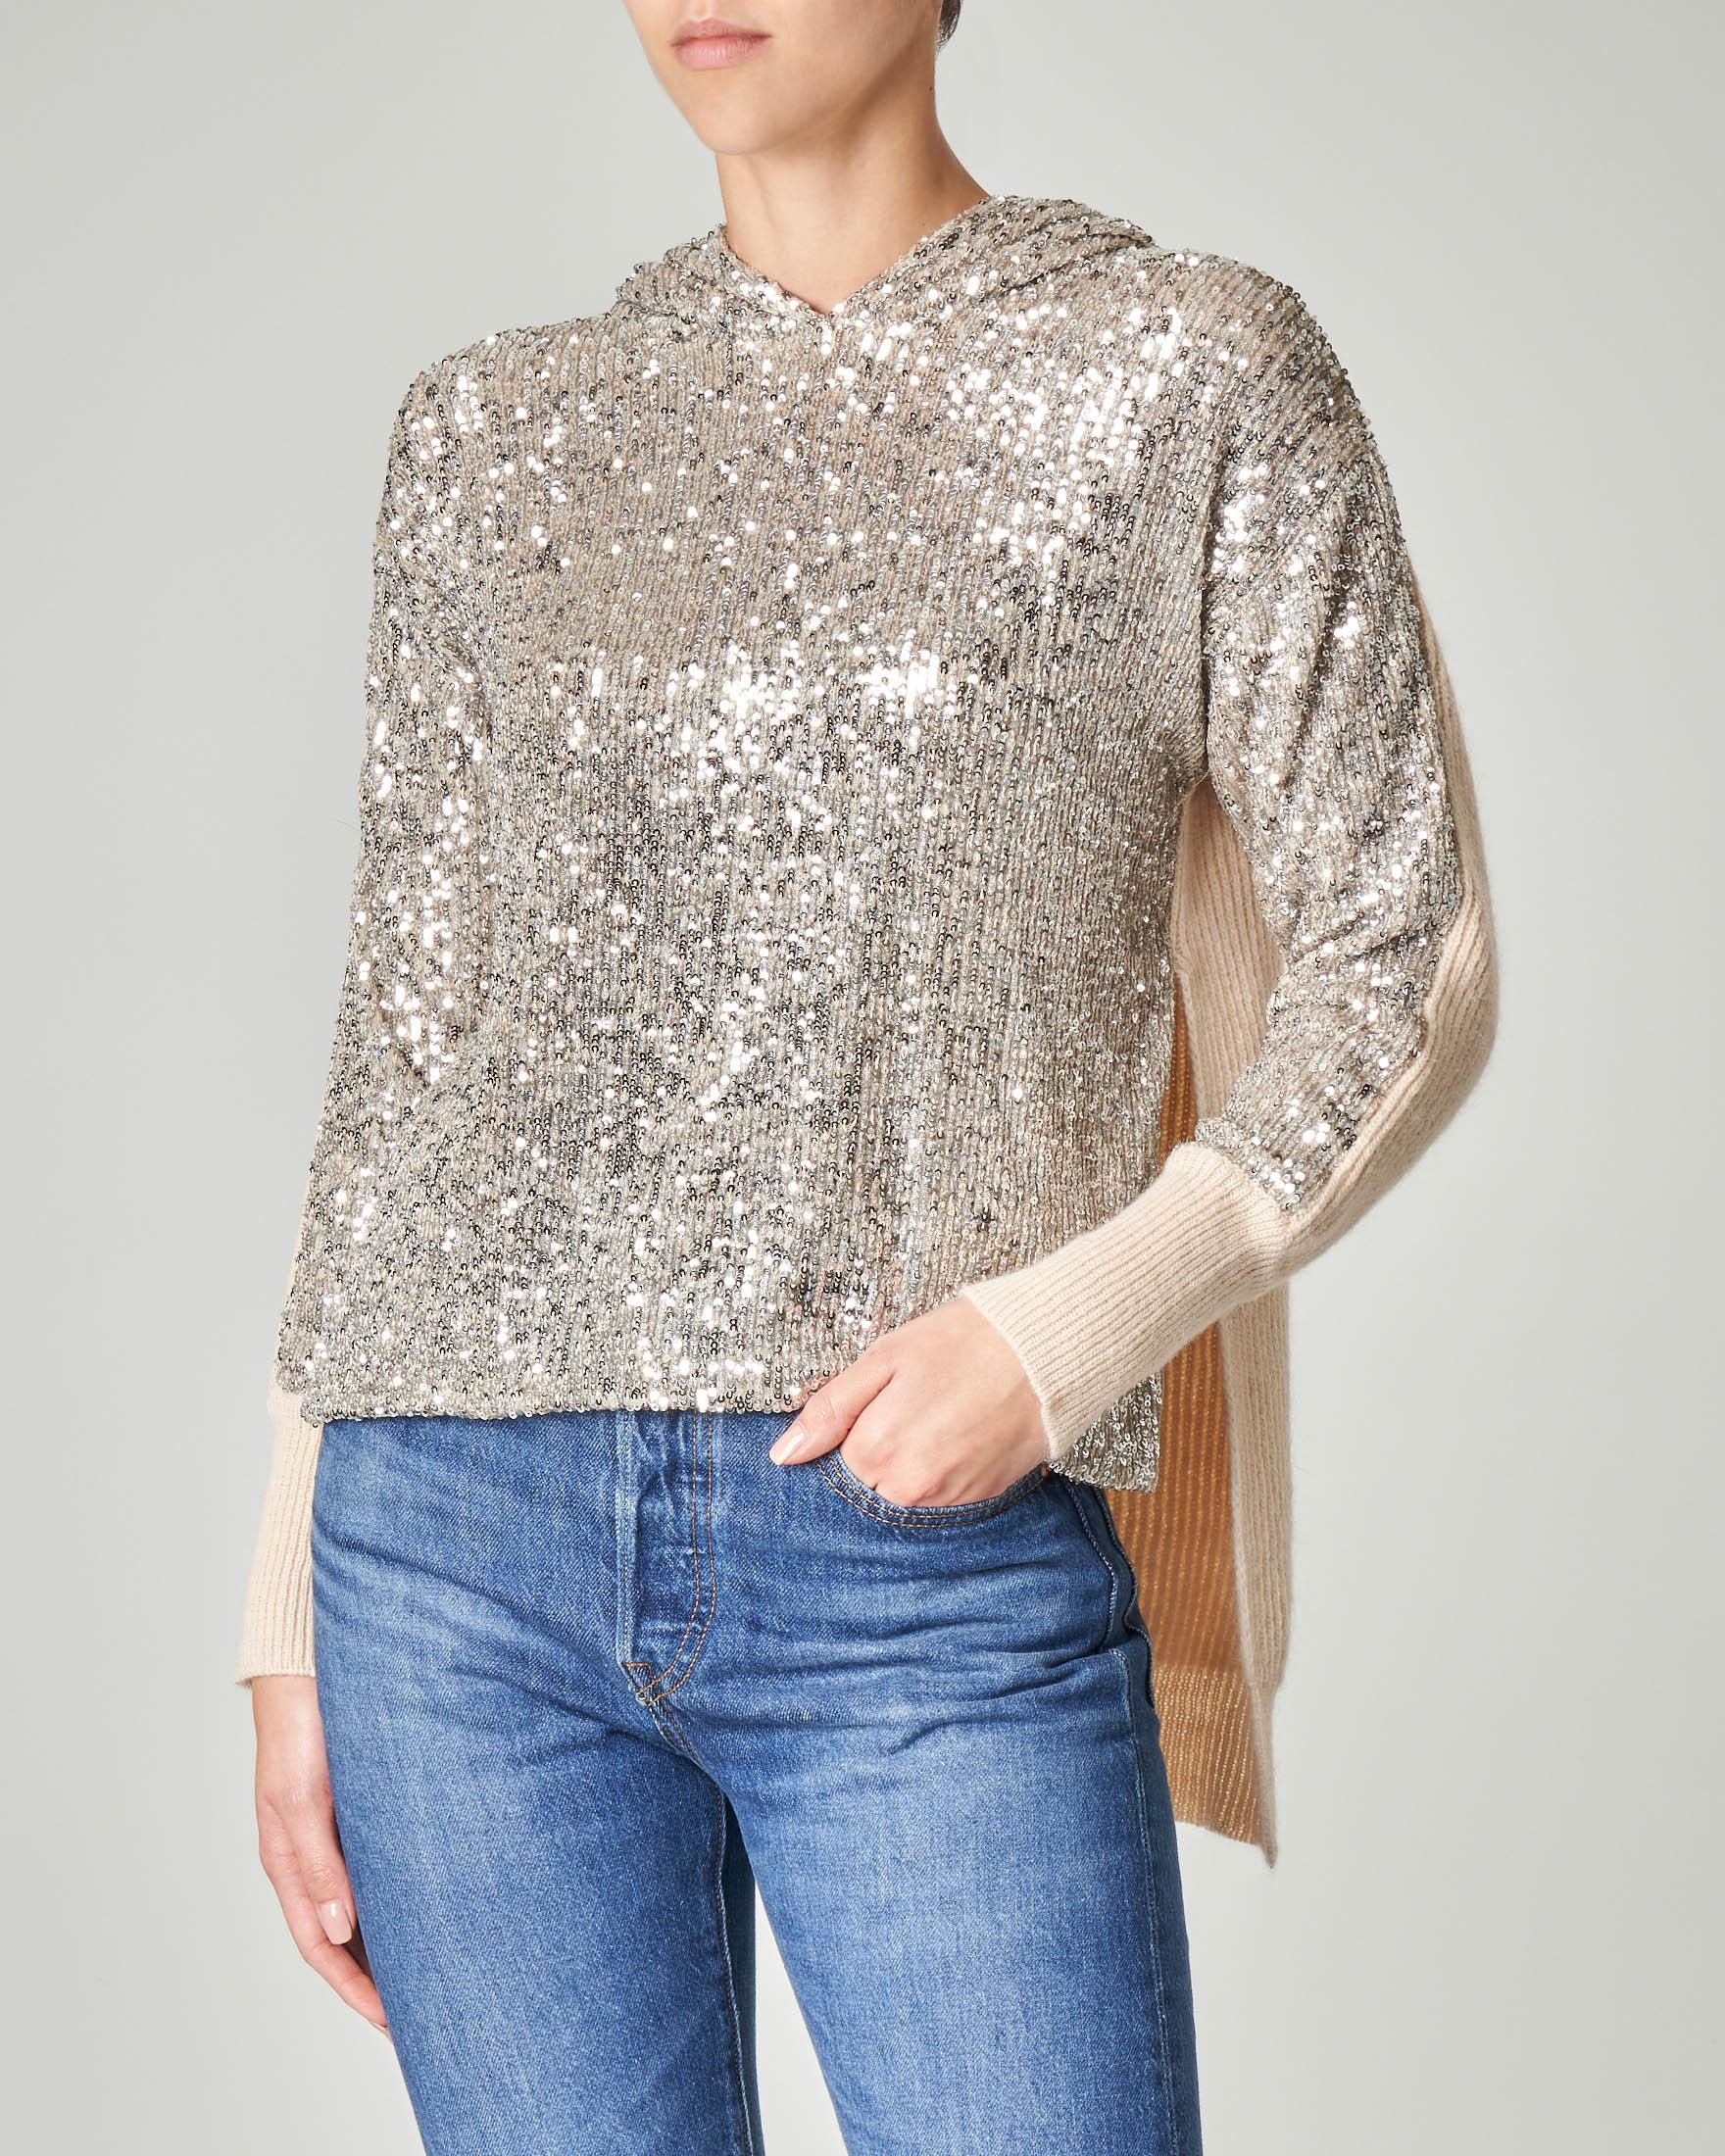 Maxi maglia in tricot beige con cappuccio e pailletes argento sul davanti